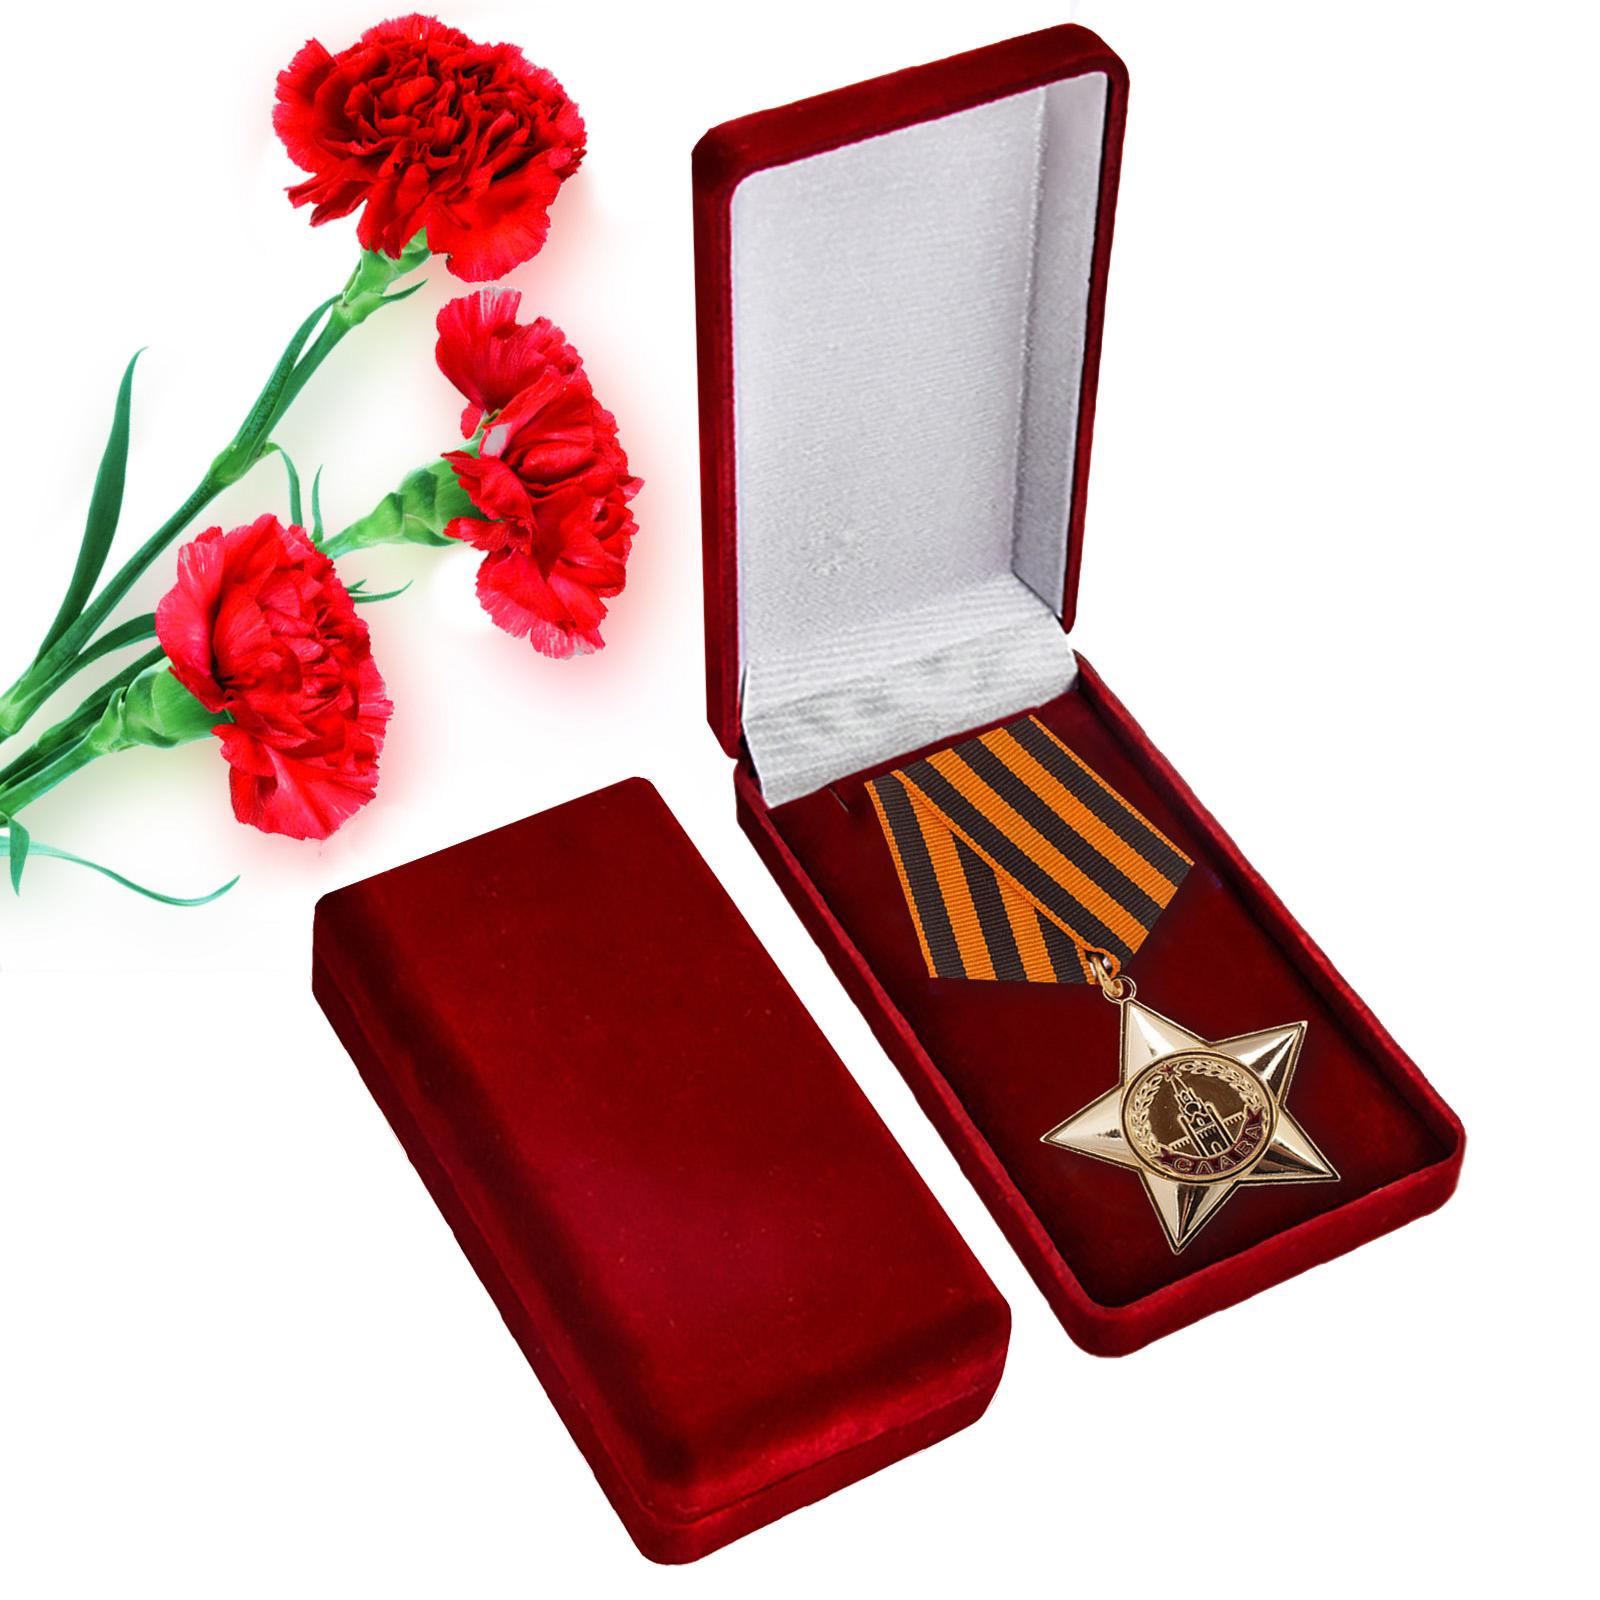 Муляж ордена Славы 1 степени в футляре